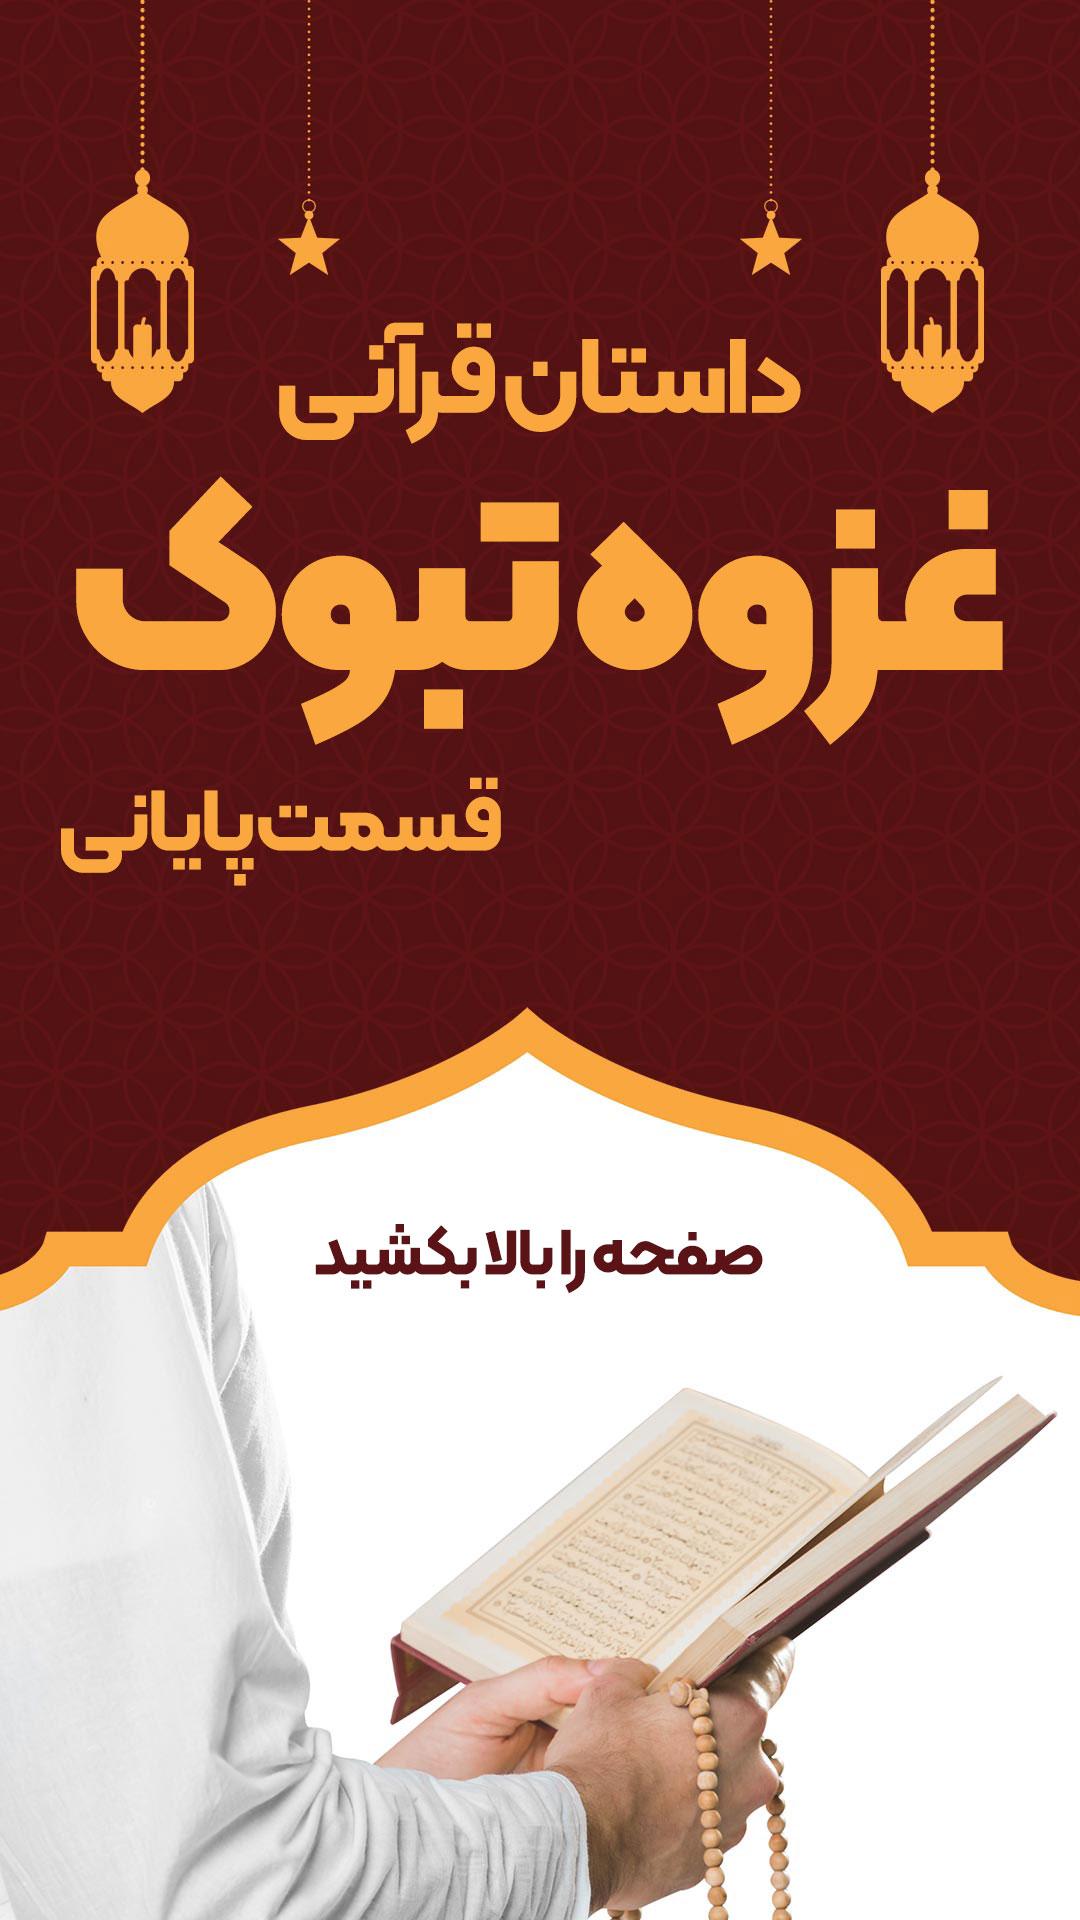 غزوه تبوک در قرآن – بخش آخر